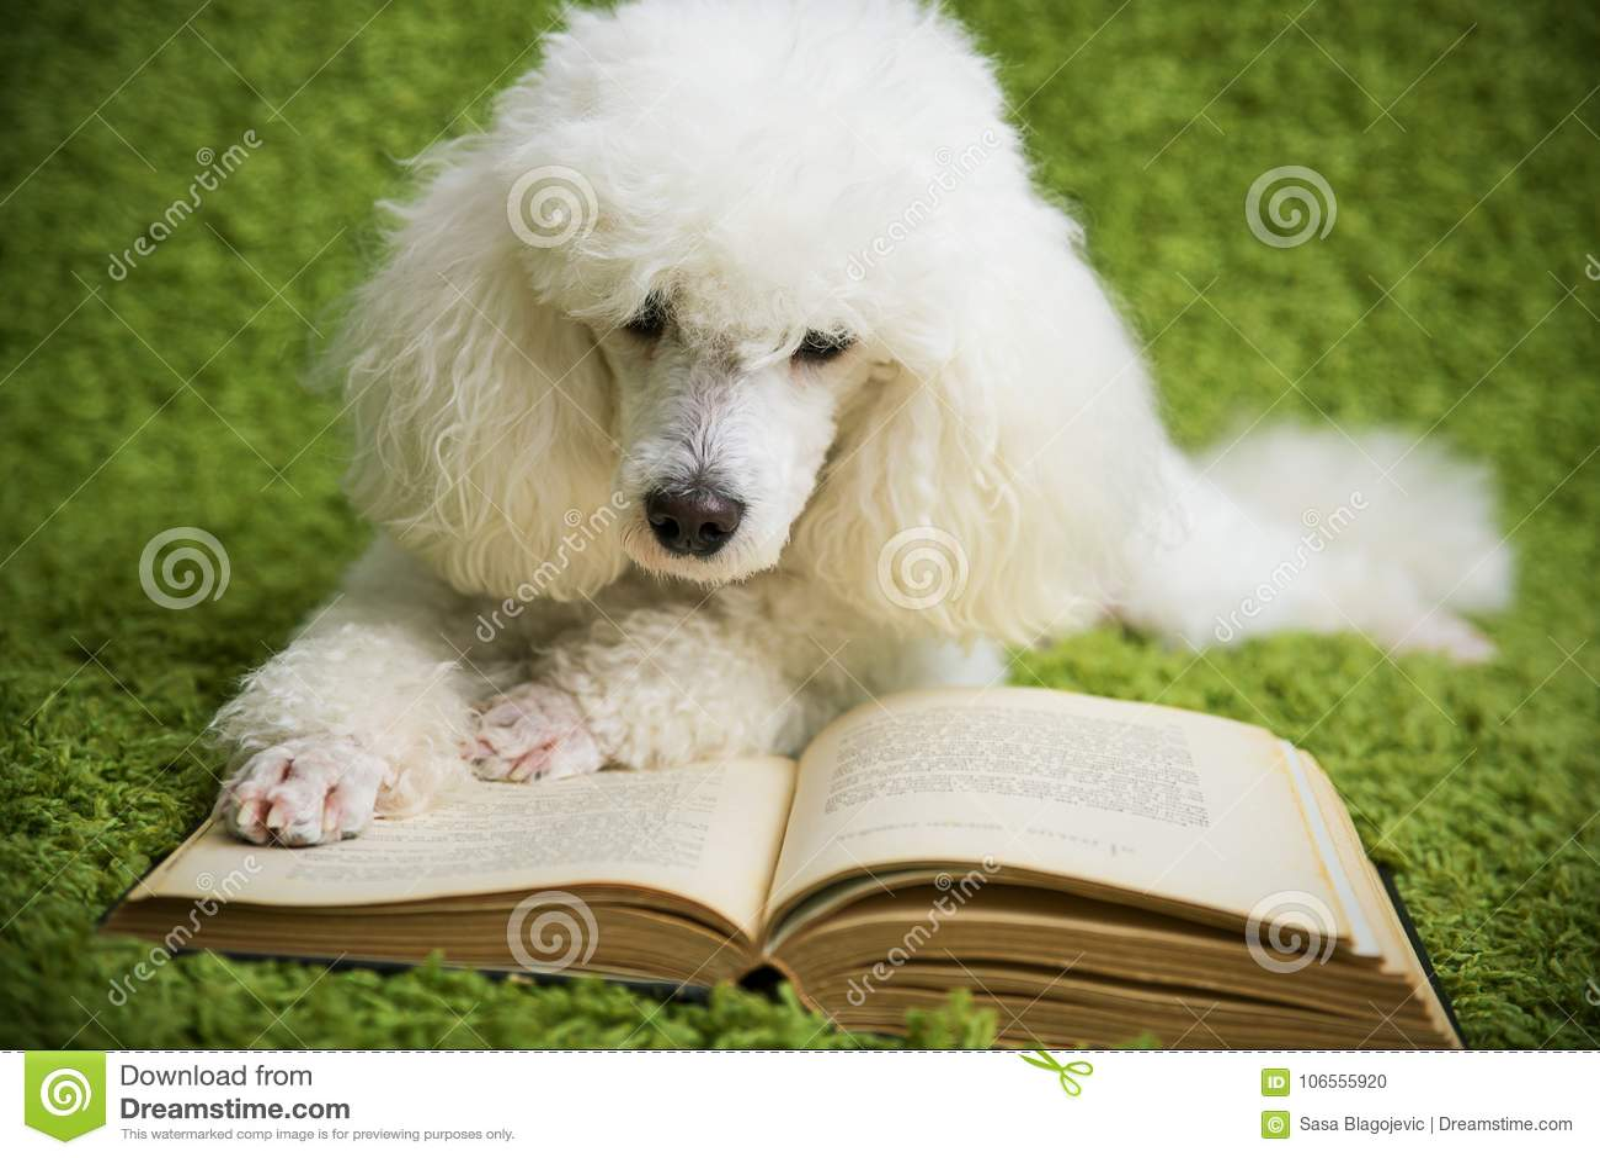 Собака читает книгу